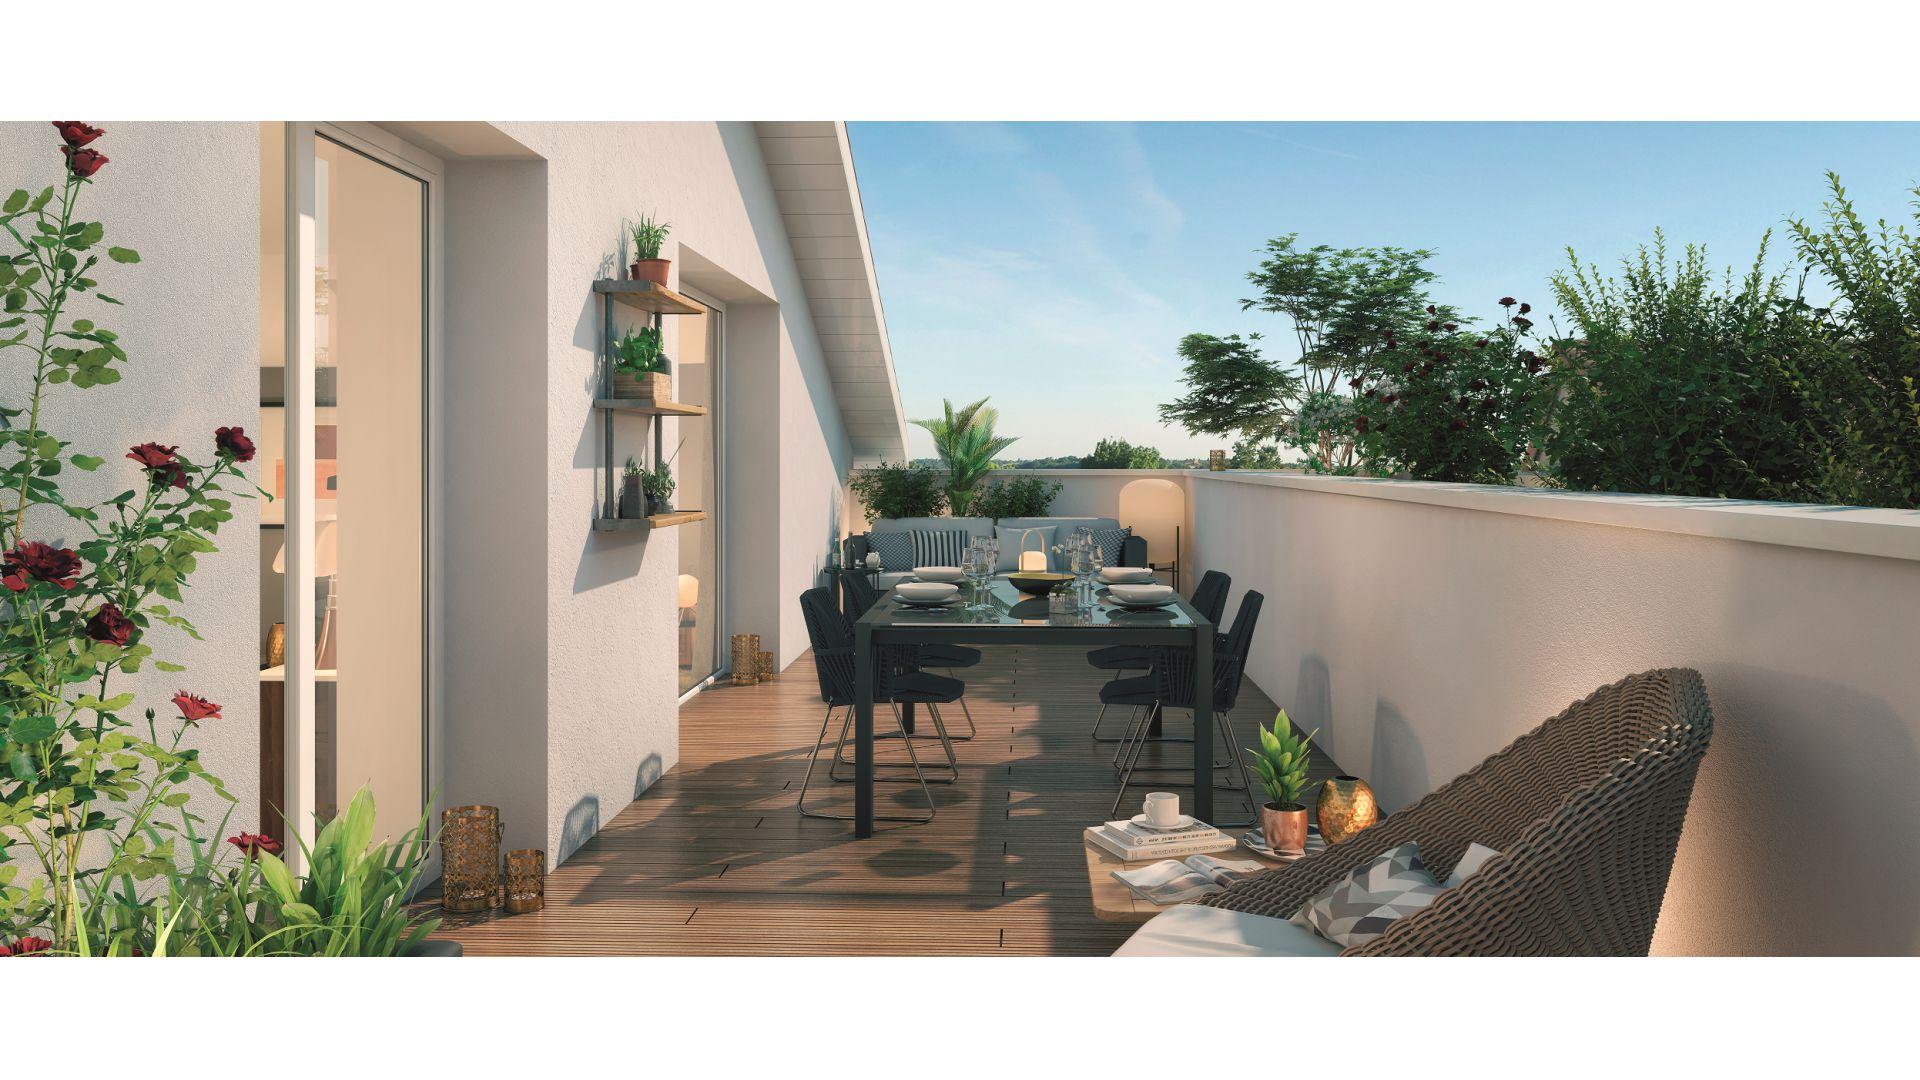 GreenCity immobilier - Toulouse Saint-Simon - 31100 - Résidence Tempo Verde - appartements neufs et villas neuves - vue terrasse